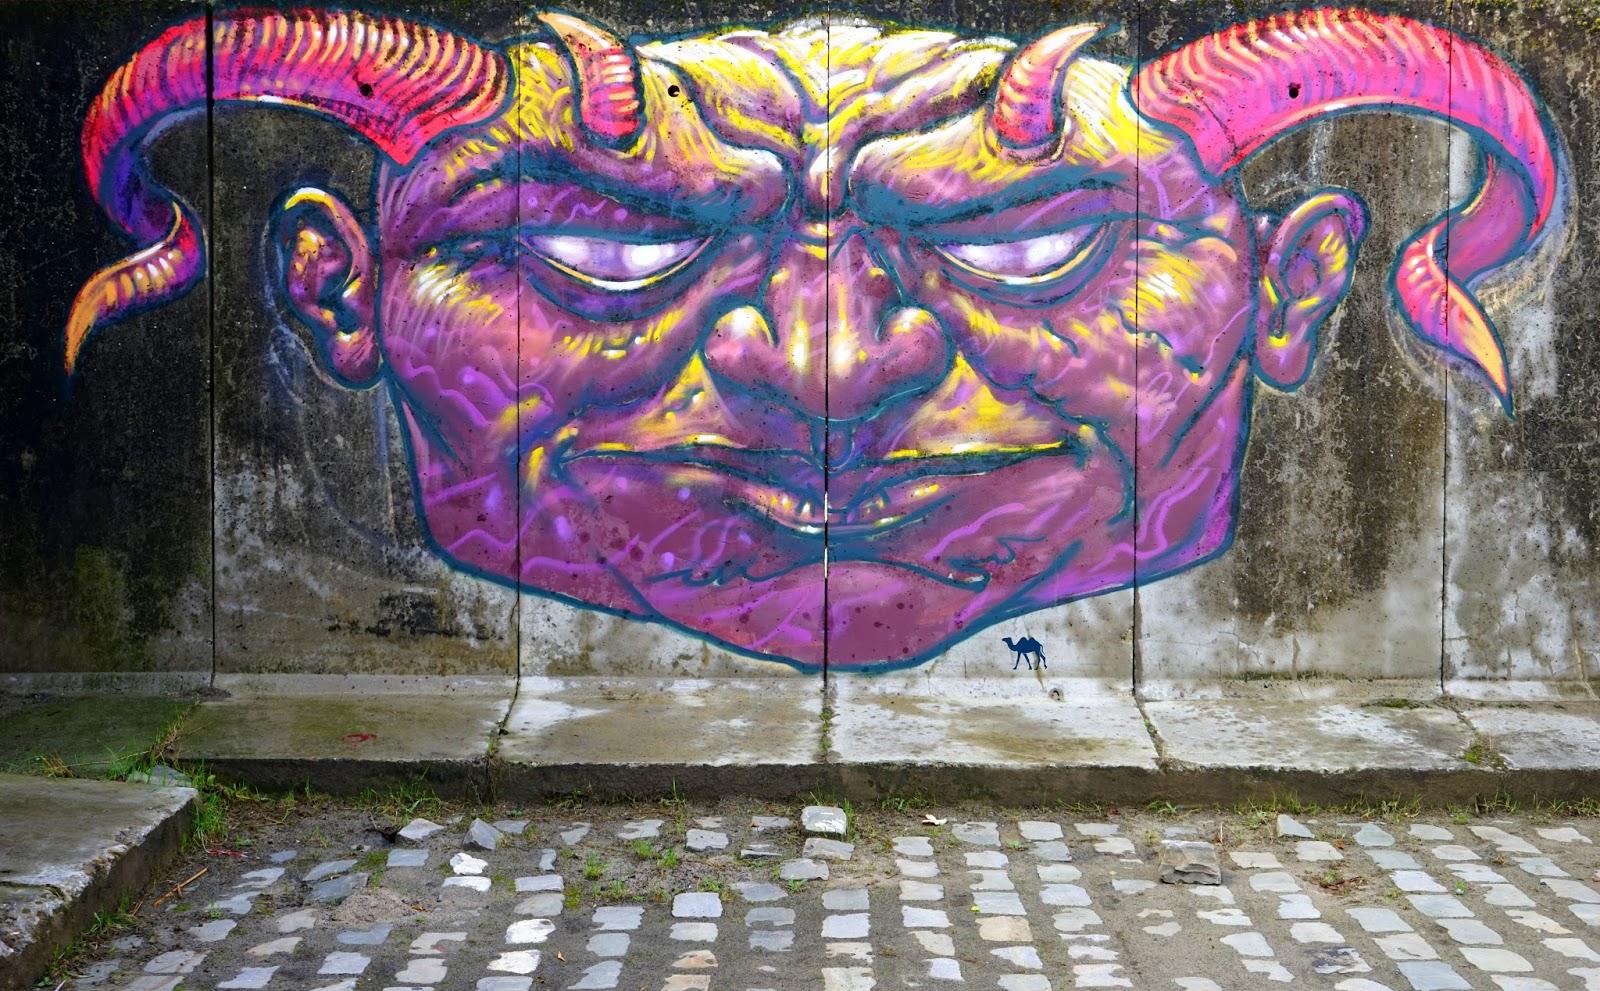 Le Chameau Bleu - Gent Glas - Street art 2